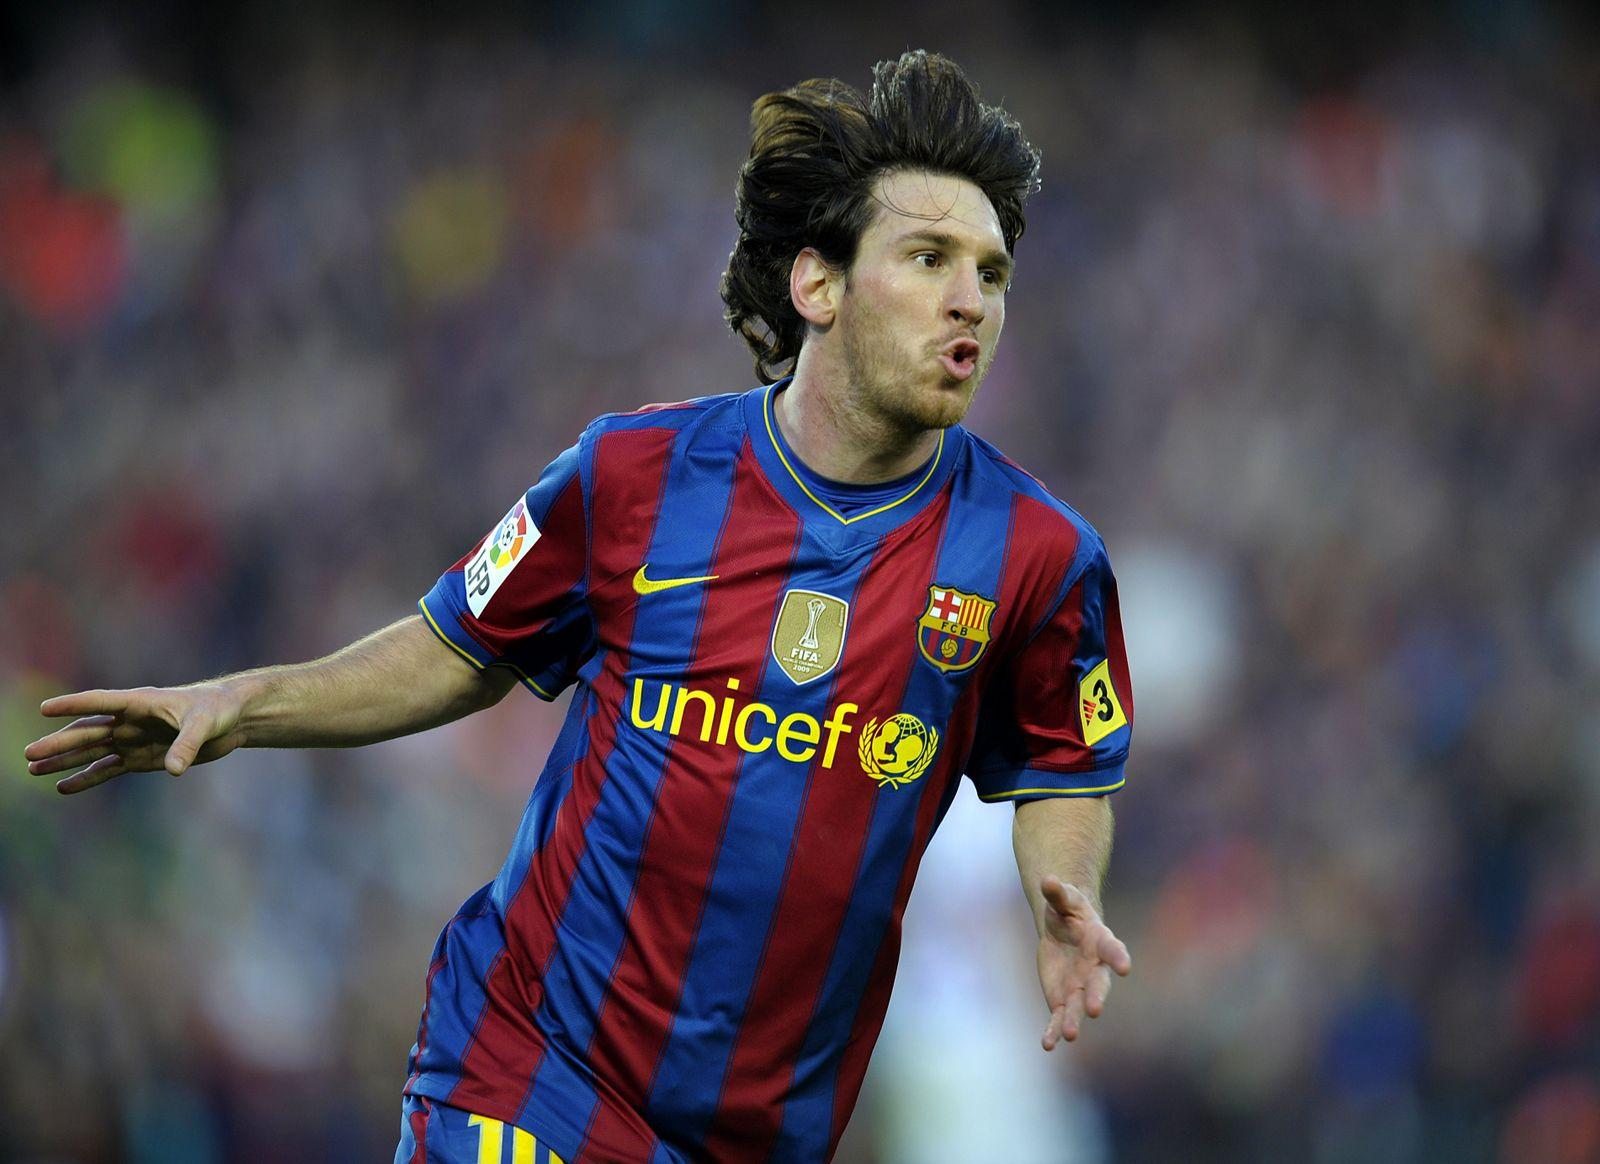 http://4.bp.blogspot.com/-_IpXAT8CmYM/TnCYE6eC0kI/AAAAAAAAAGA/6kf0LtUoz84/s1600/Lionel-Messi-Images.jpg